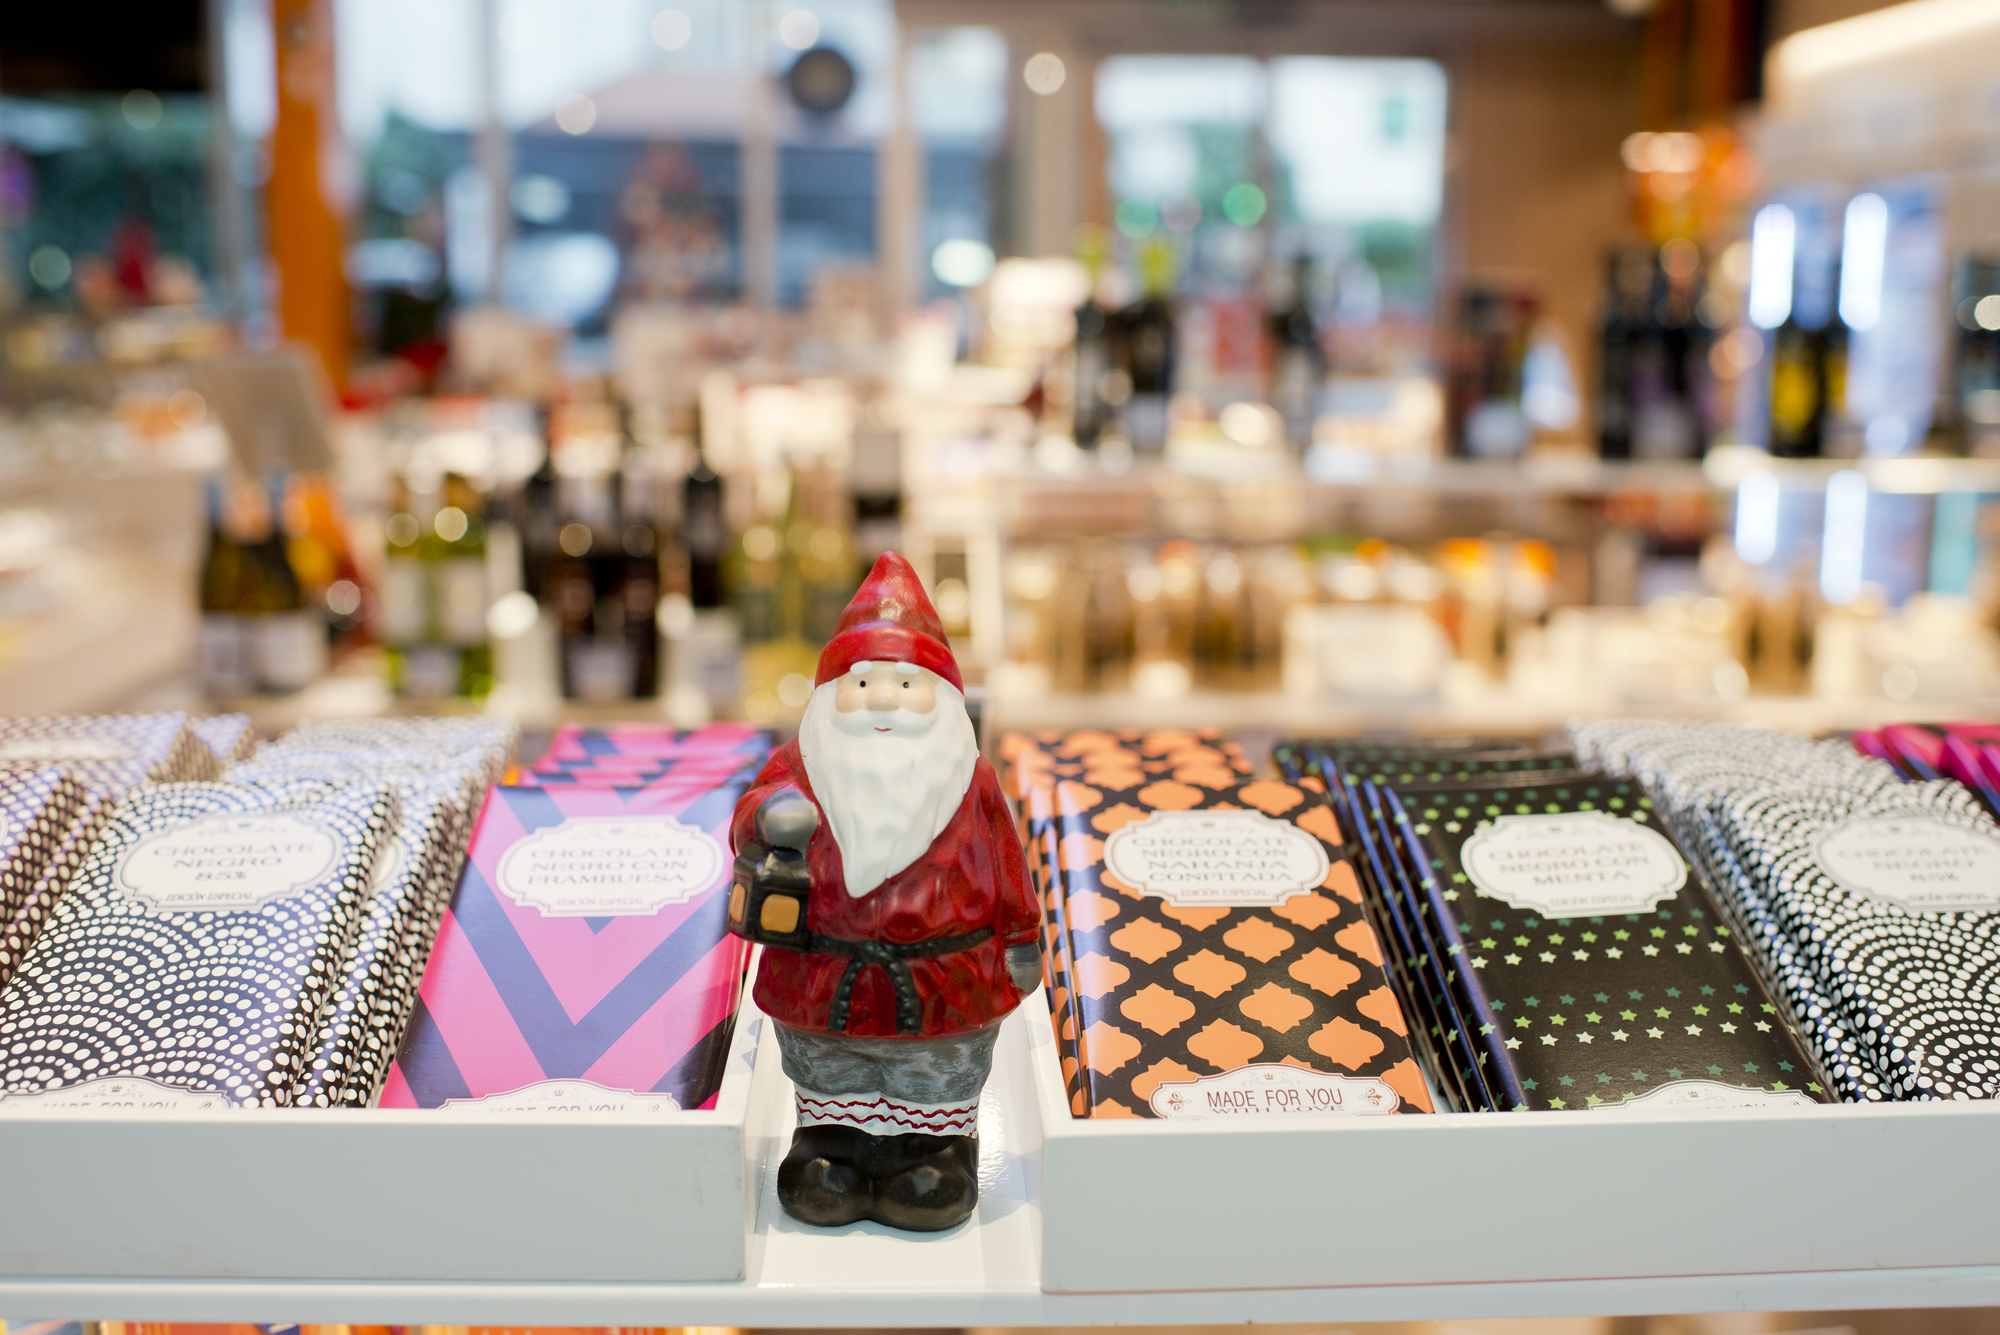 Para regalo o para amenizar el largo viaje en coche, el surtido de dulces es muy completo en Navidad.